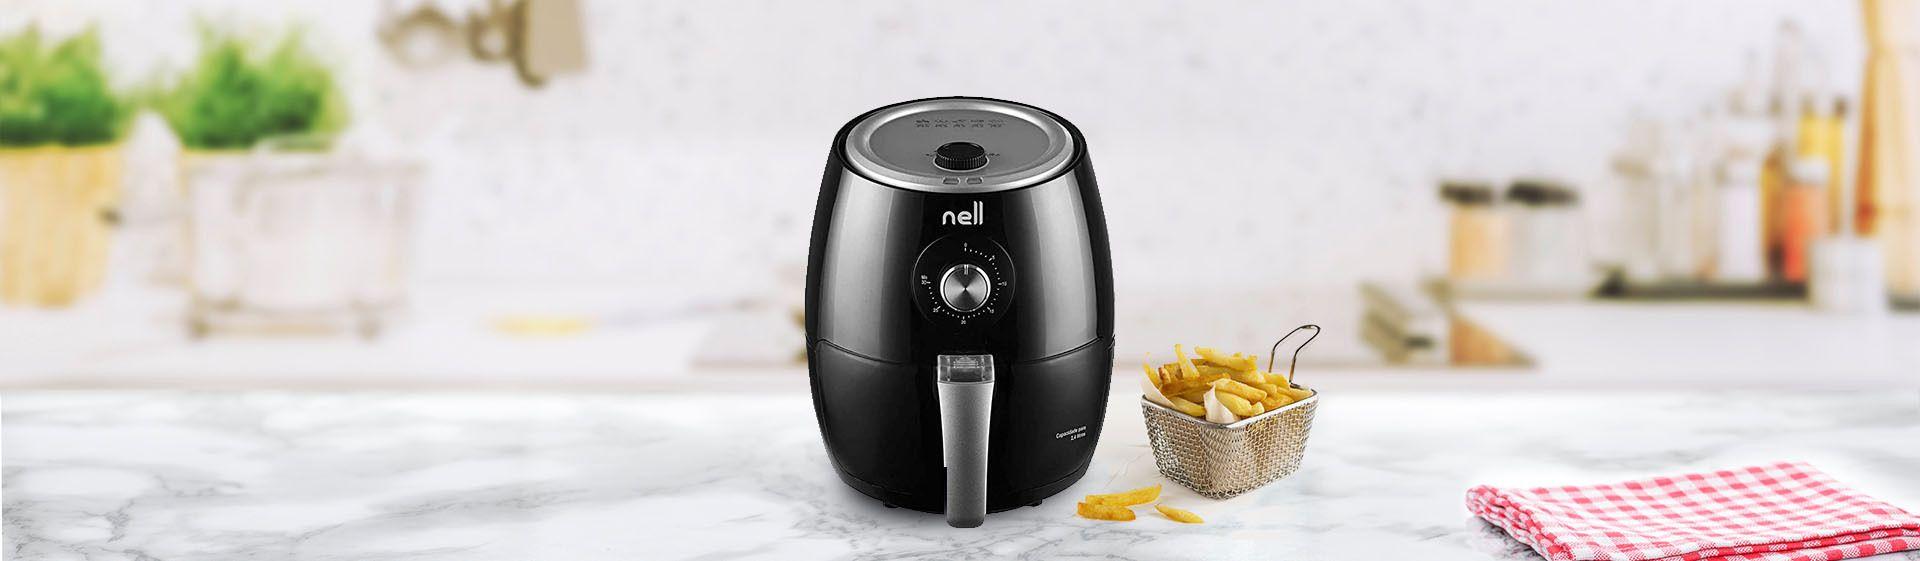 Airfryer Nell é boa? Preço e detalhes dos modelos de fritadeira da marca